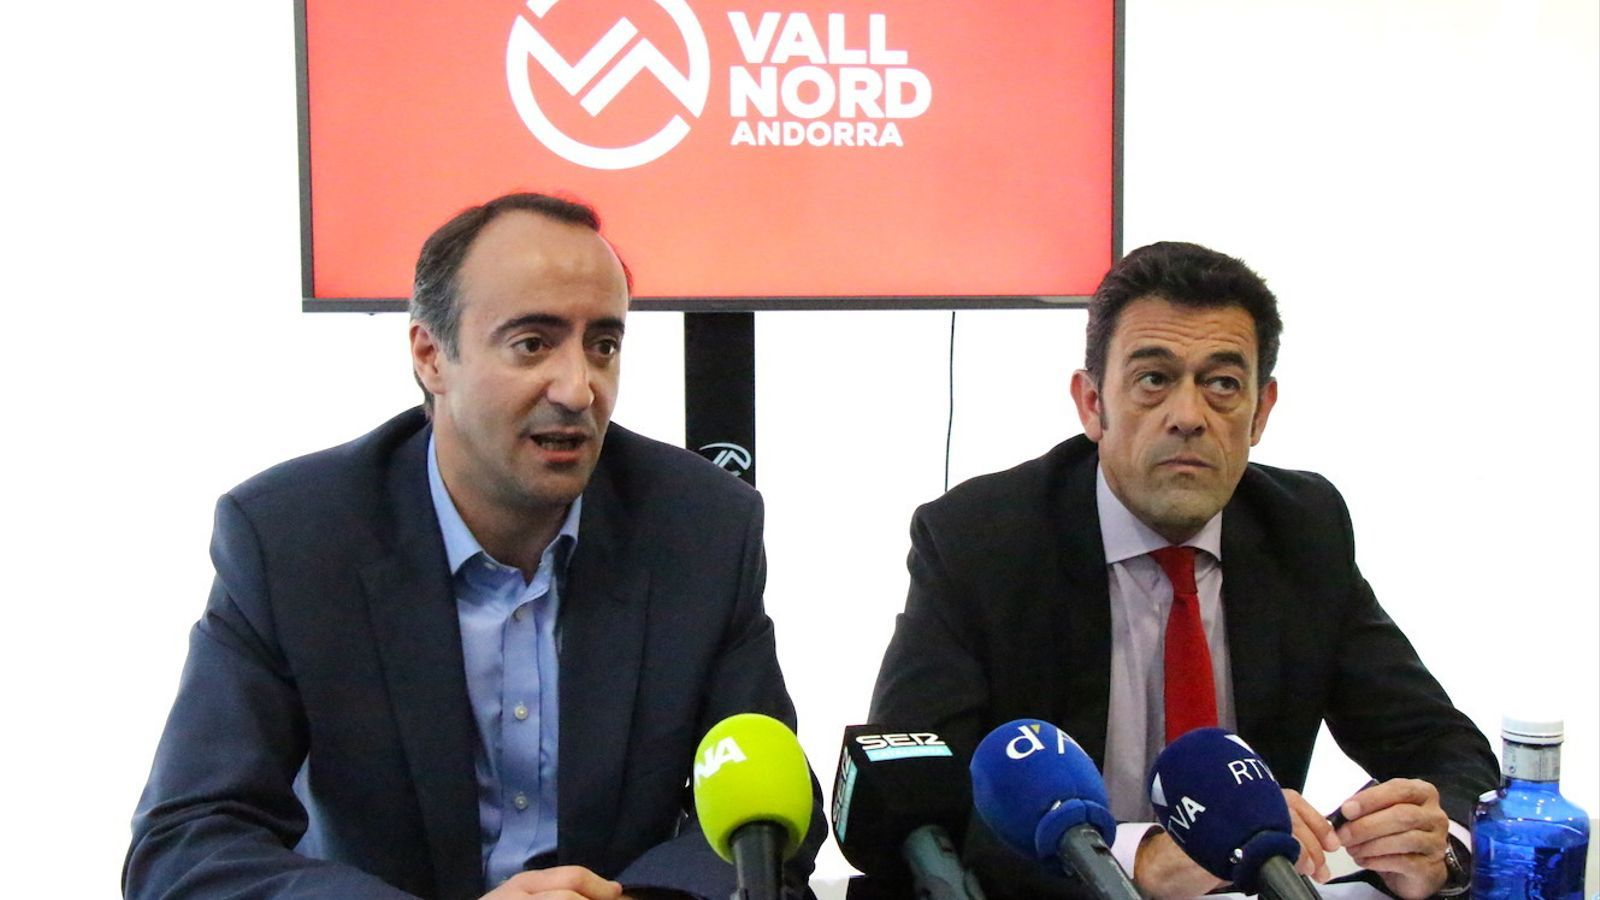 El cònsol major de la Massana i president de Vallnord, David Baró, i el cònsol major d'Ordino, Josep Àngel Mortés, durant la roda de premsa conjunta per anunciar la continuïtat de Vallnord. / C. G. (ANA)